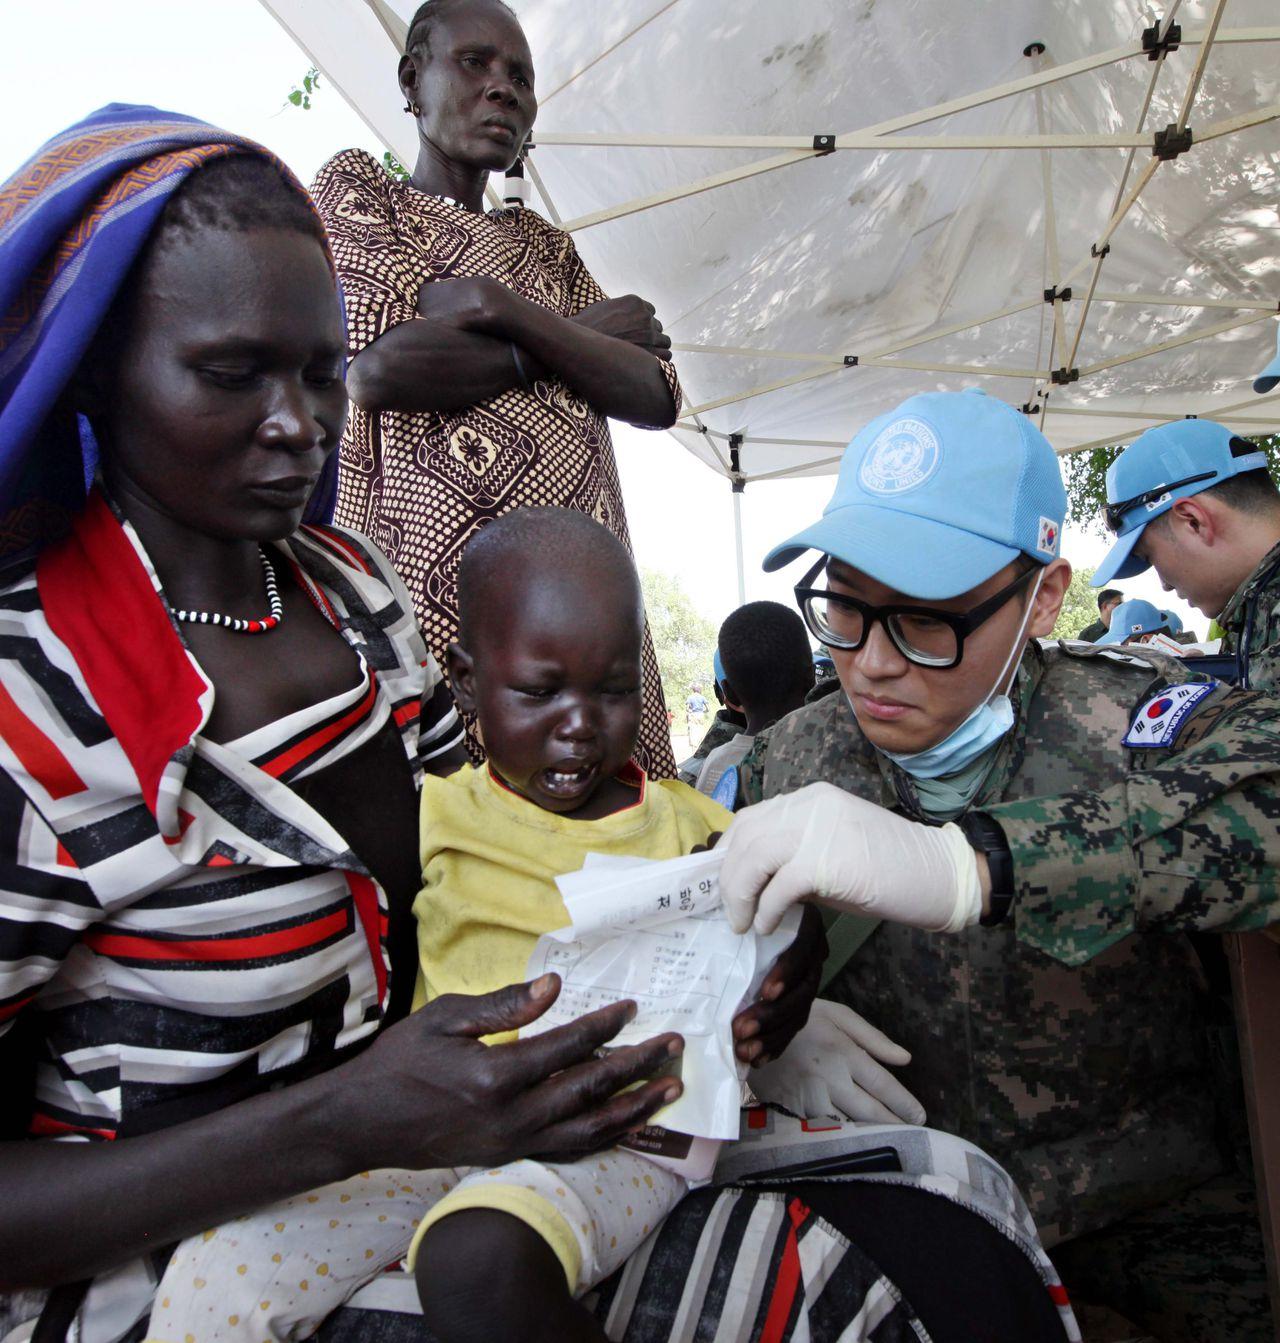 Een Zuid-Koreaanse medewerker van VN-vredesmissie in Zuid-Soedan.